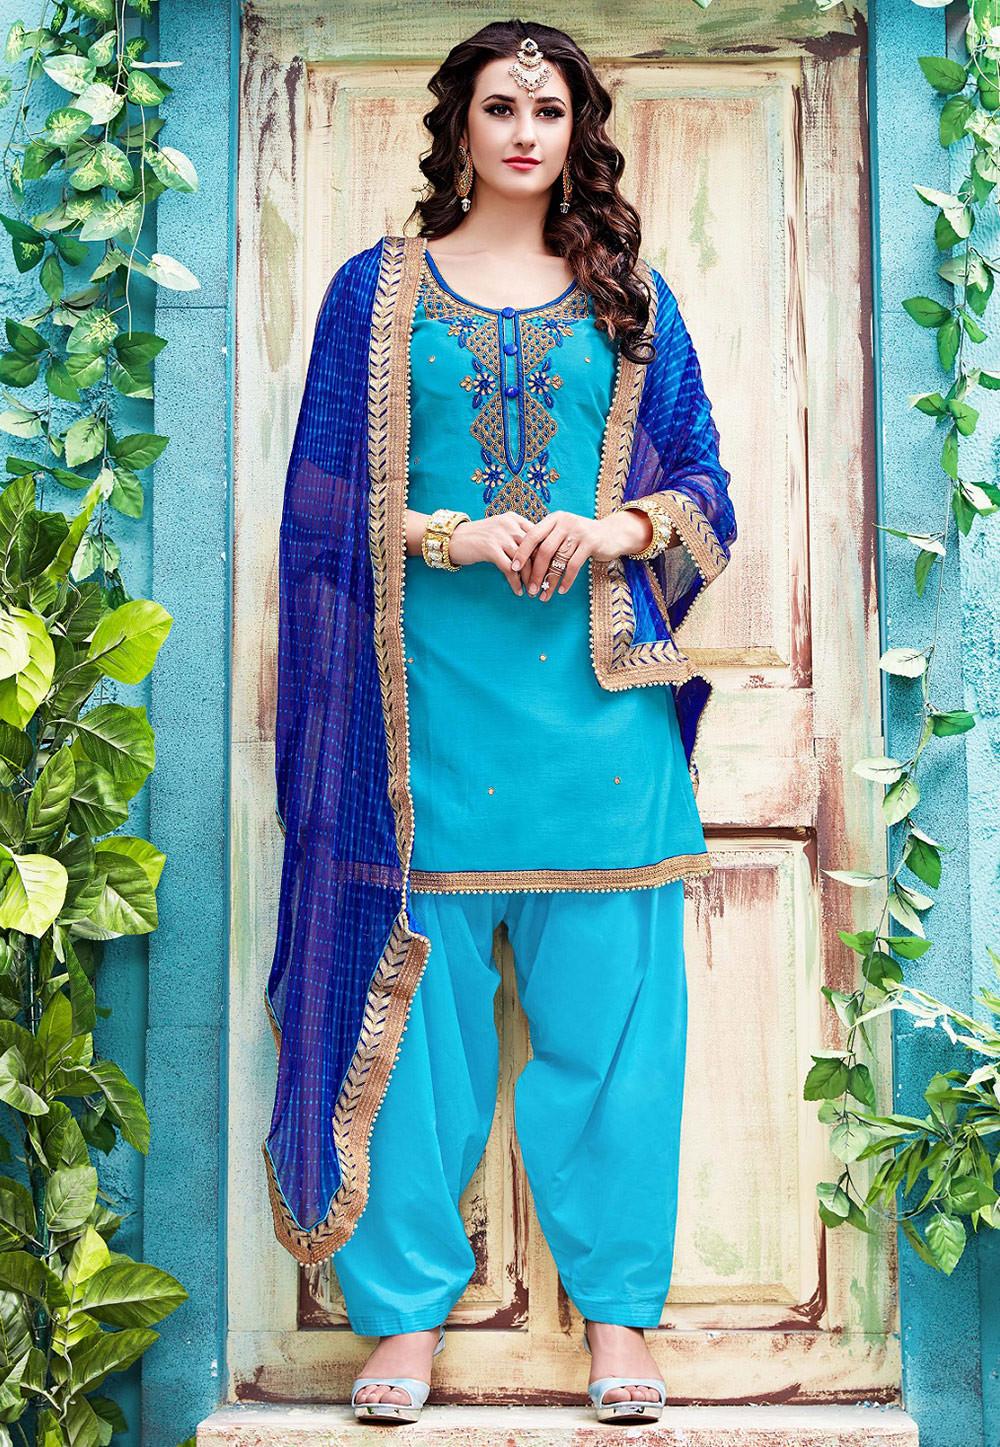 Patiala Or Punjabi Salwar Suit: The Statement Of Punjabi Women ...